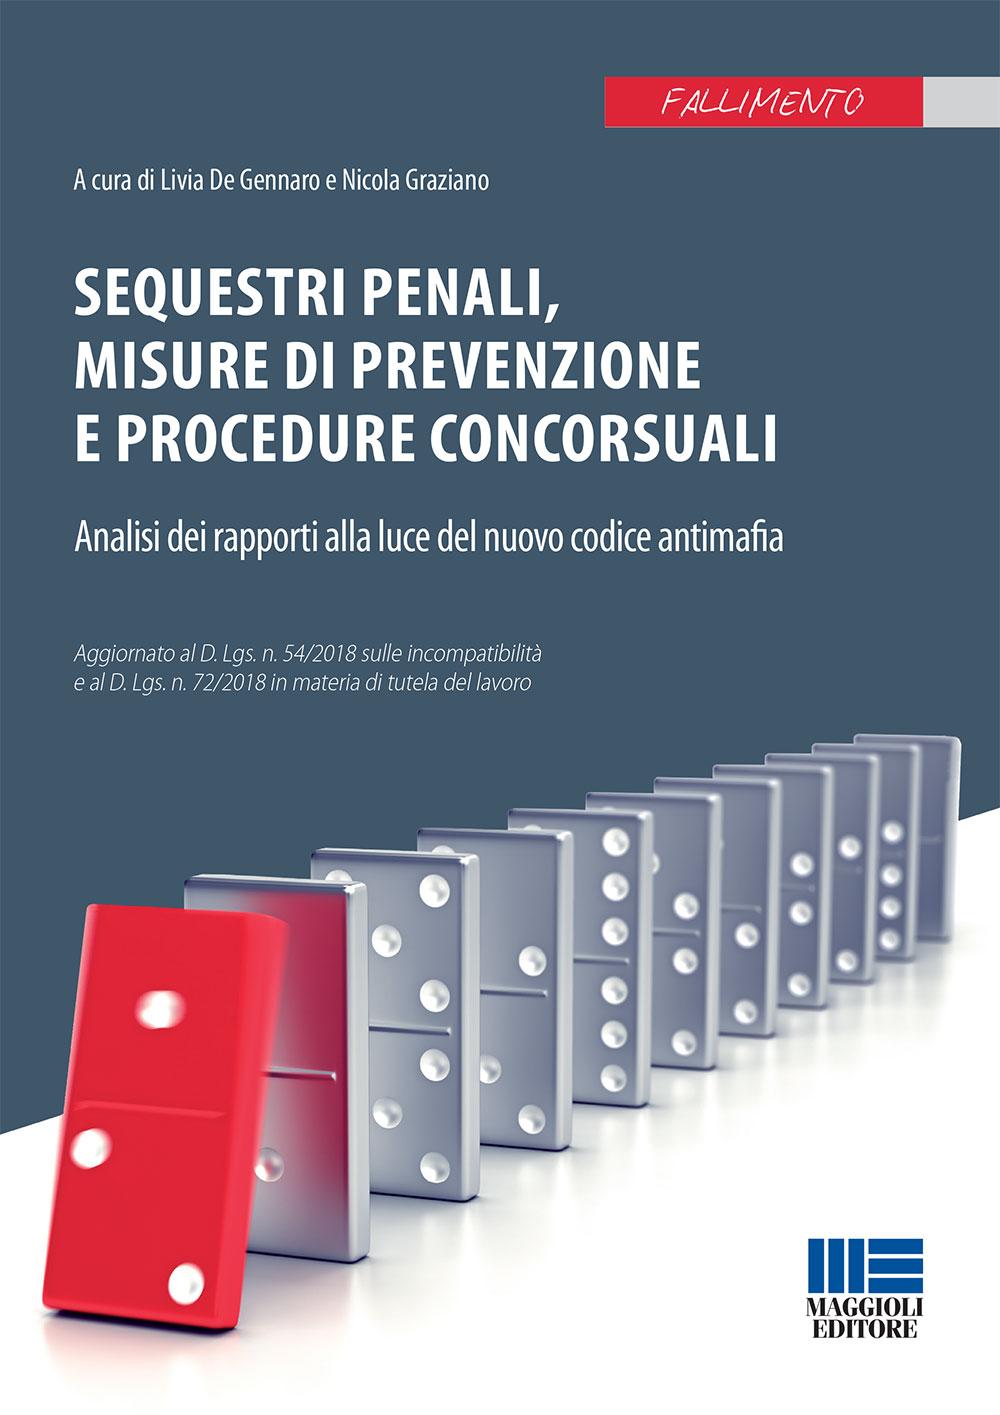 Sequestri penali, misure di prevenzione -Libro Carta